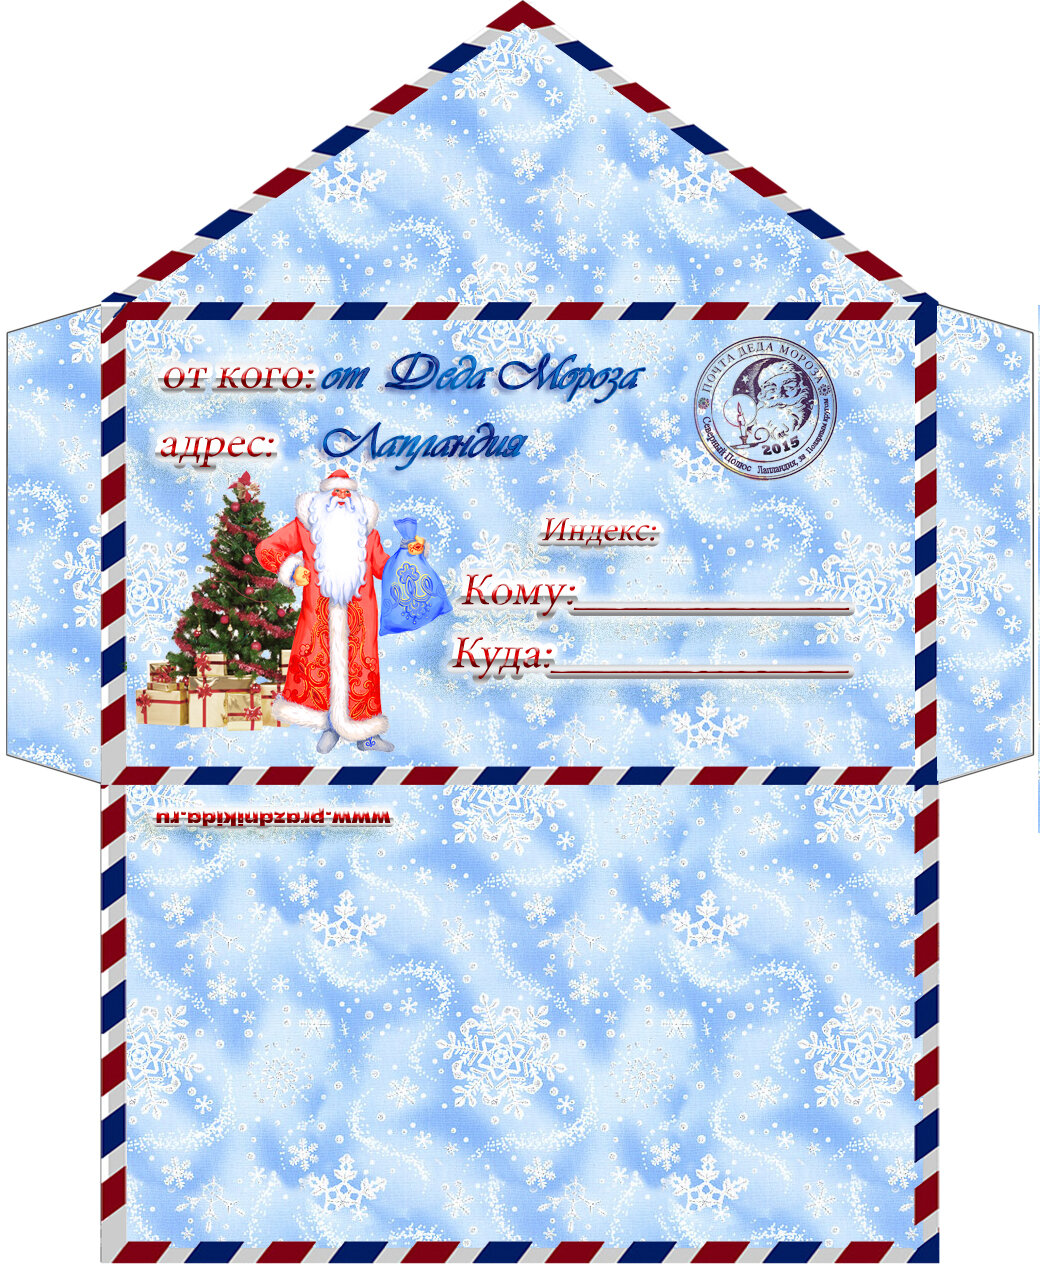 Шаблоны конвертов от Деда Мороза